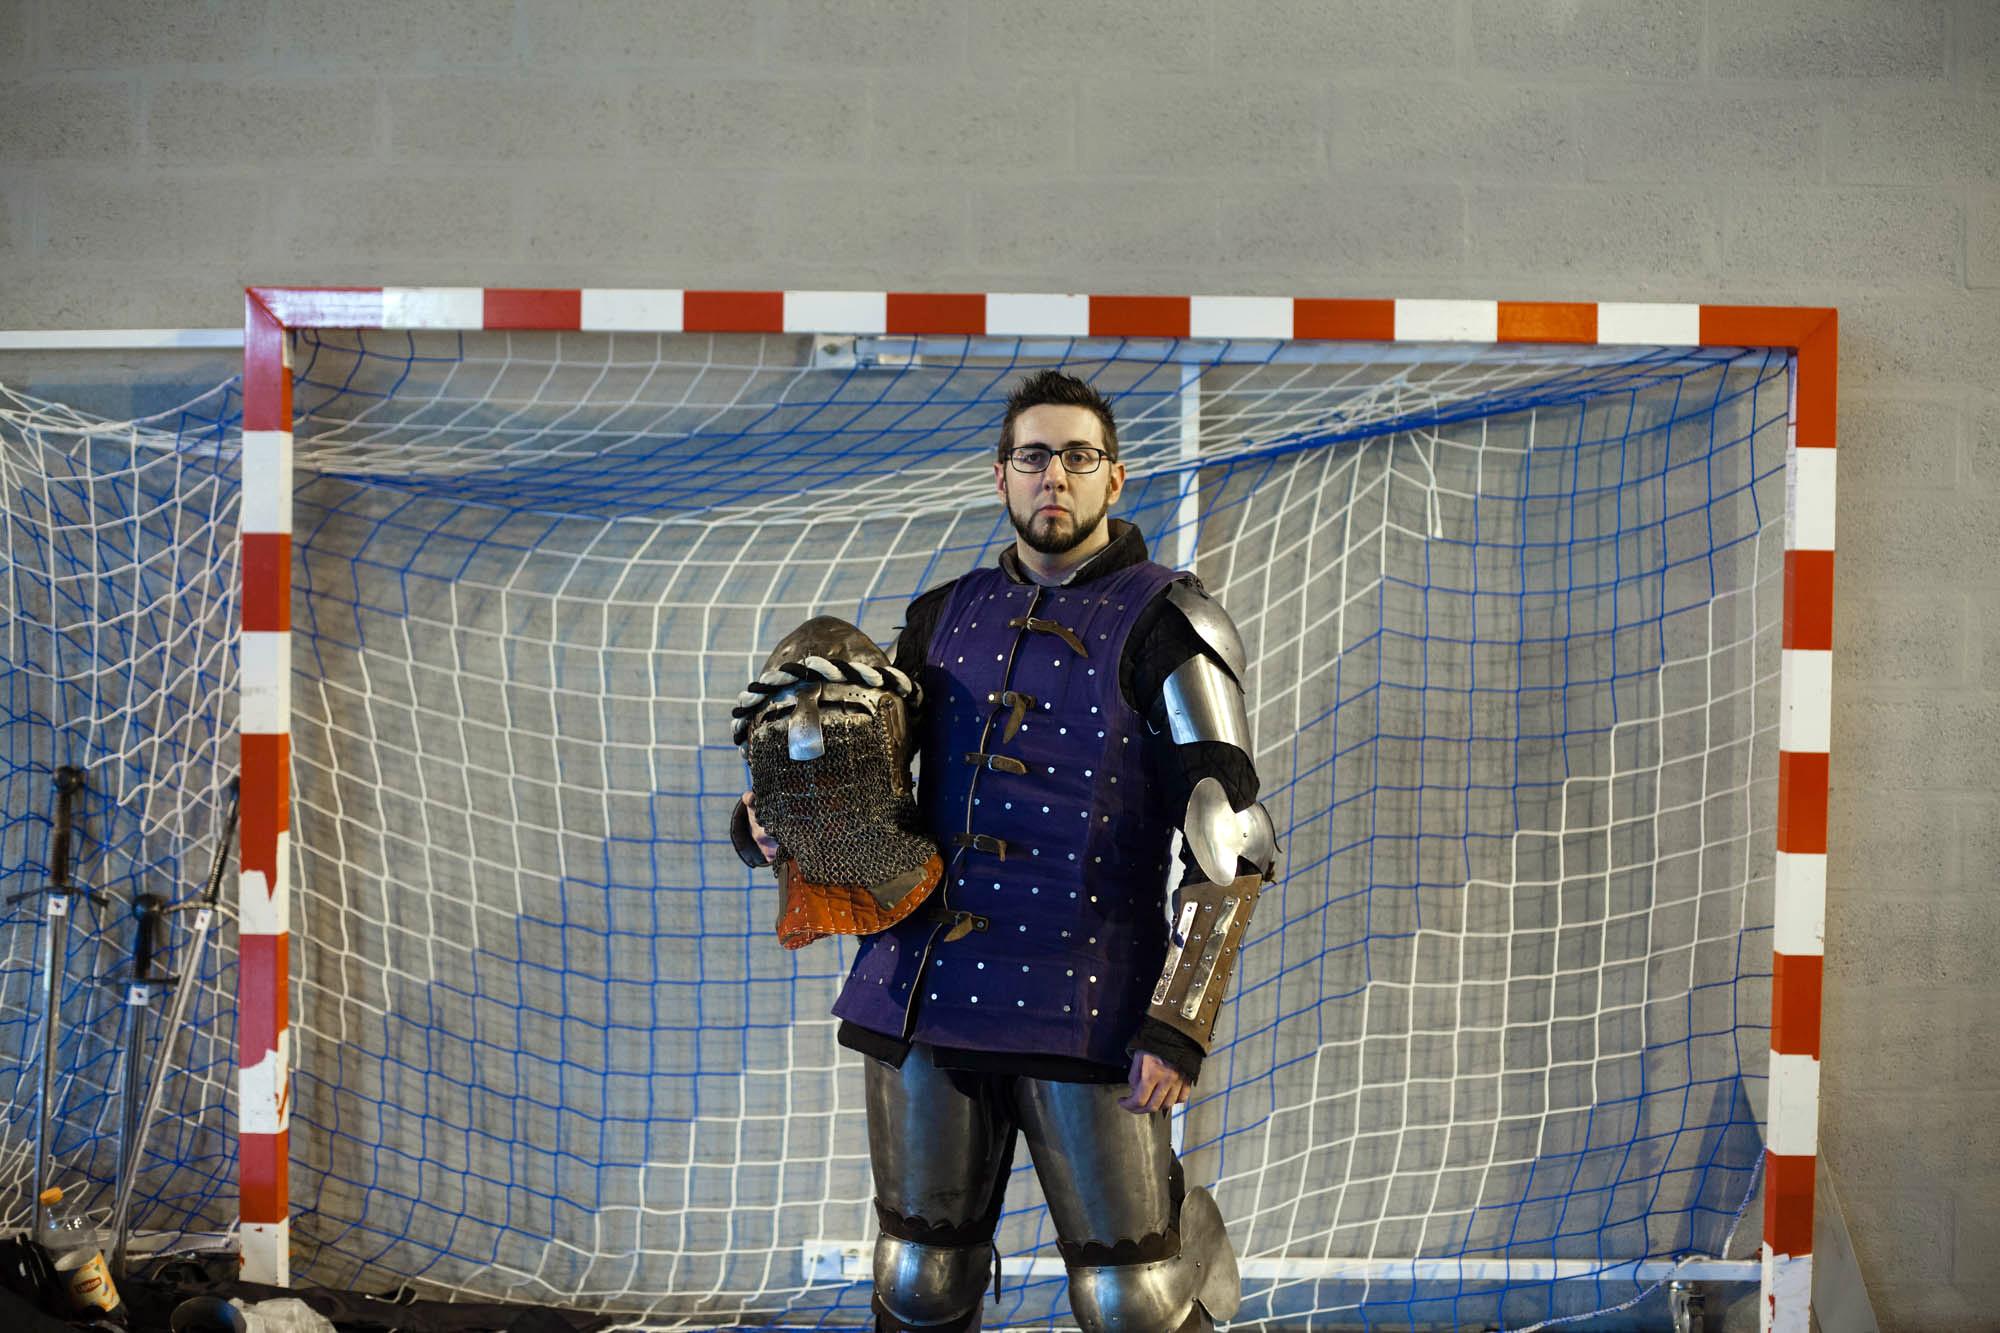 Jean-Christophe observe les duels avant son combat dans la catégorie « épée à deux mains». Cela fait six ans qu'il pratique le béhourd mais c'est son premier combat en duel.